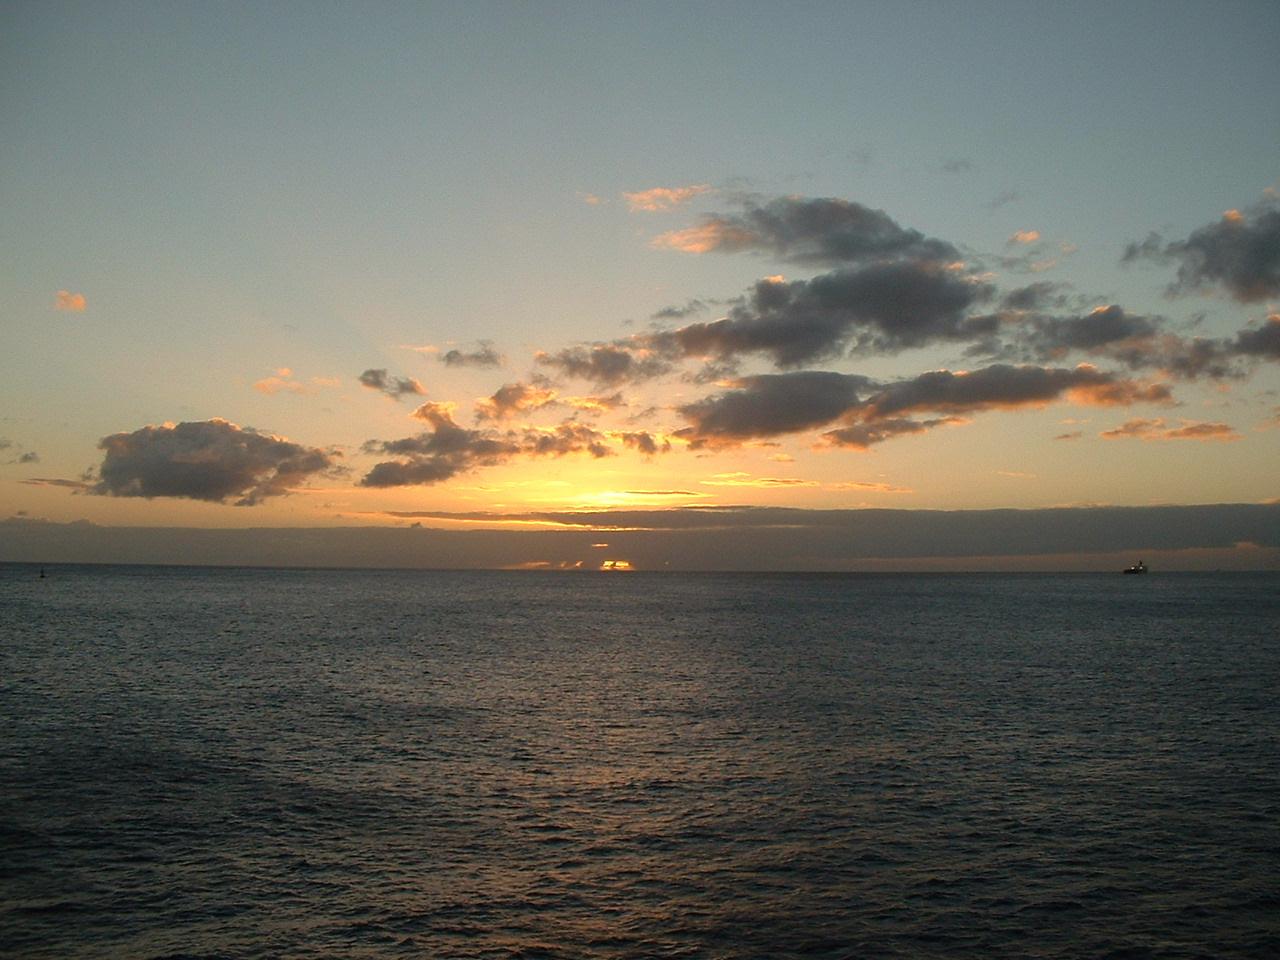 ハワイの夕陽 2002年